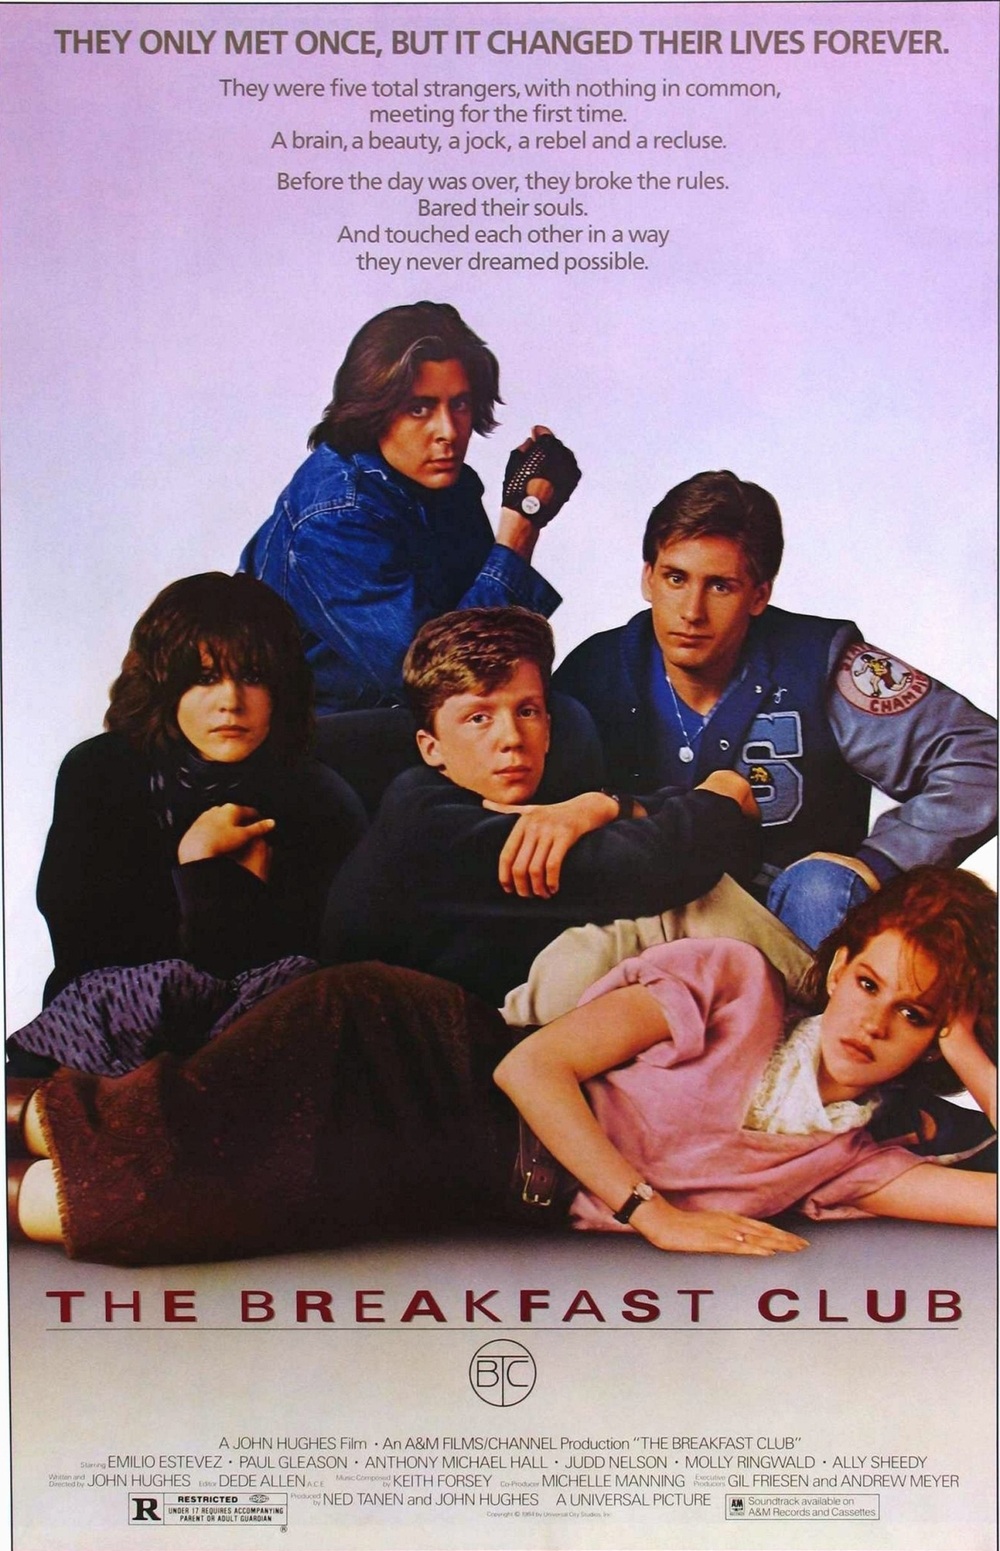 Breakfast-Club-movie-poster.jpg